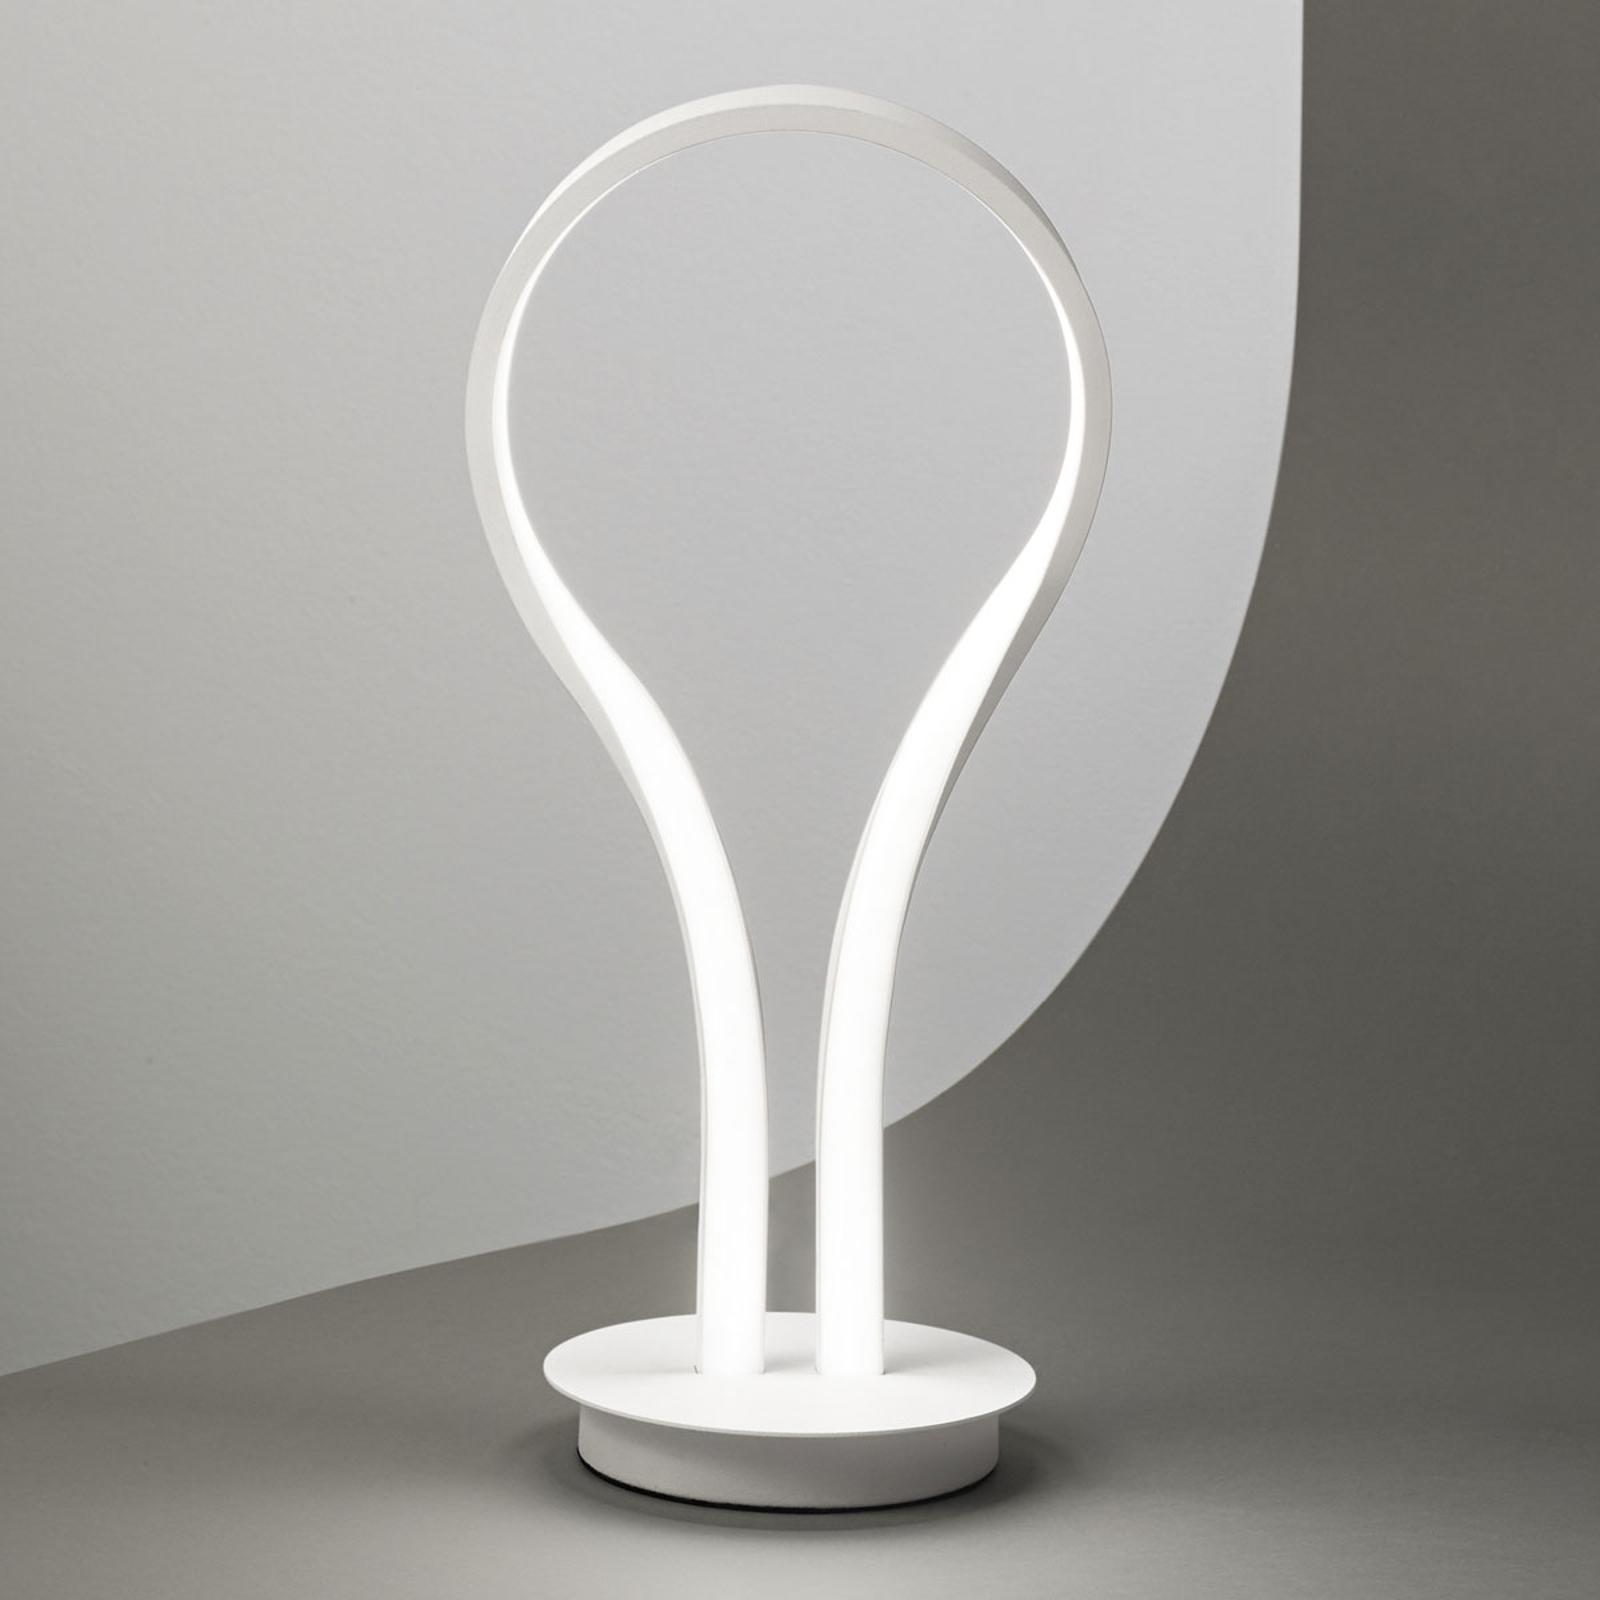 Lampa stołowa LED Blossom z aluminium